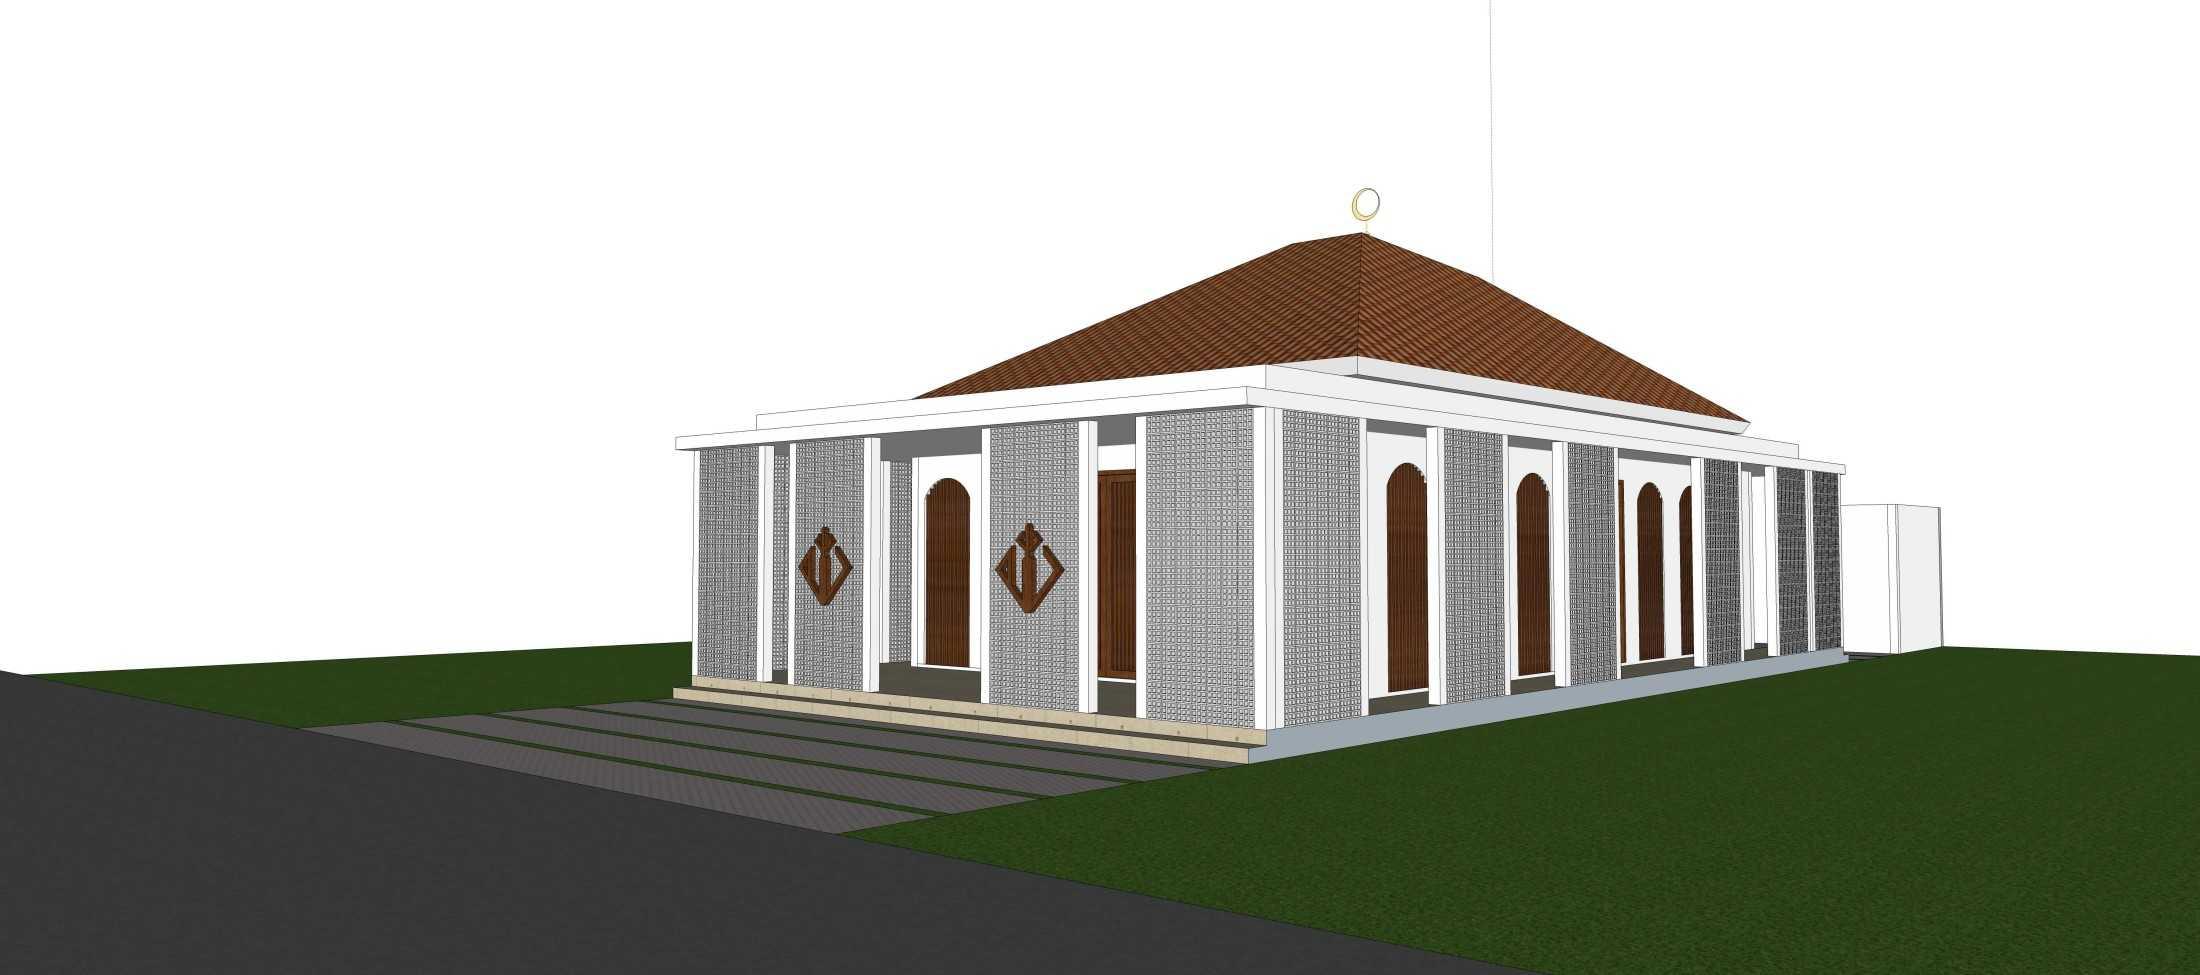 Madinputra Architects Musholla Al-Ikhlas, Semarang Semarang, Kota Semarang, Jawa Tengah, Indonesia Semarang, Kota Semarang, Jawa Tengah, Indonesia Madinputra-Architects-Musholla-Al-Ikhlas-Semarang  124486